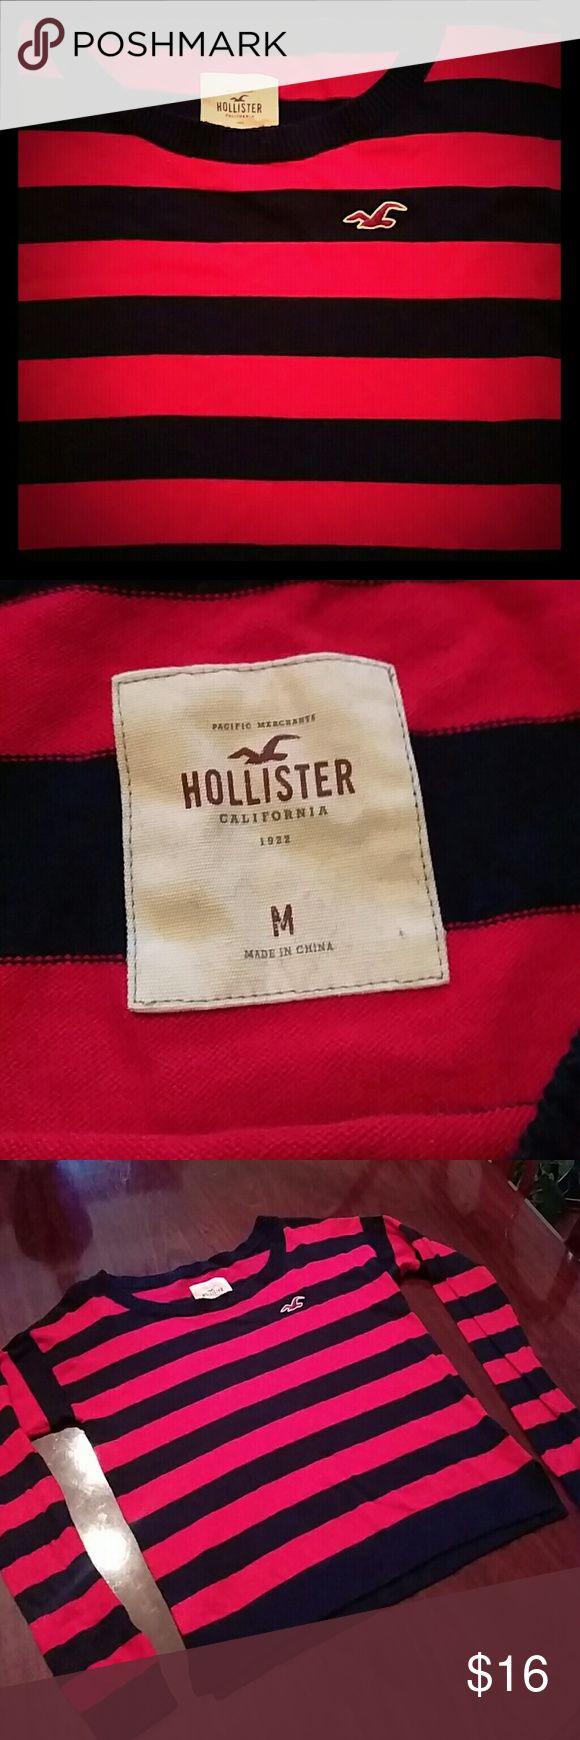 Beautiful women's Hollister light weight sweater Beautiful red striped women's M Hollister light weight sweater. Hollister Tops Sweatshirts & Hoodies